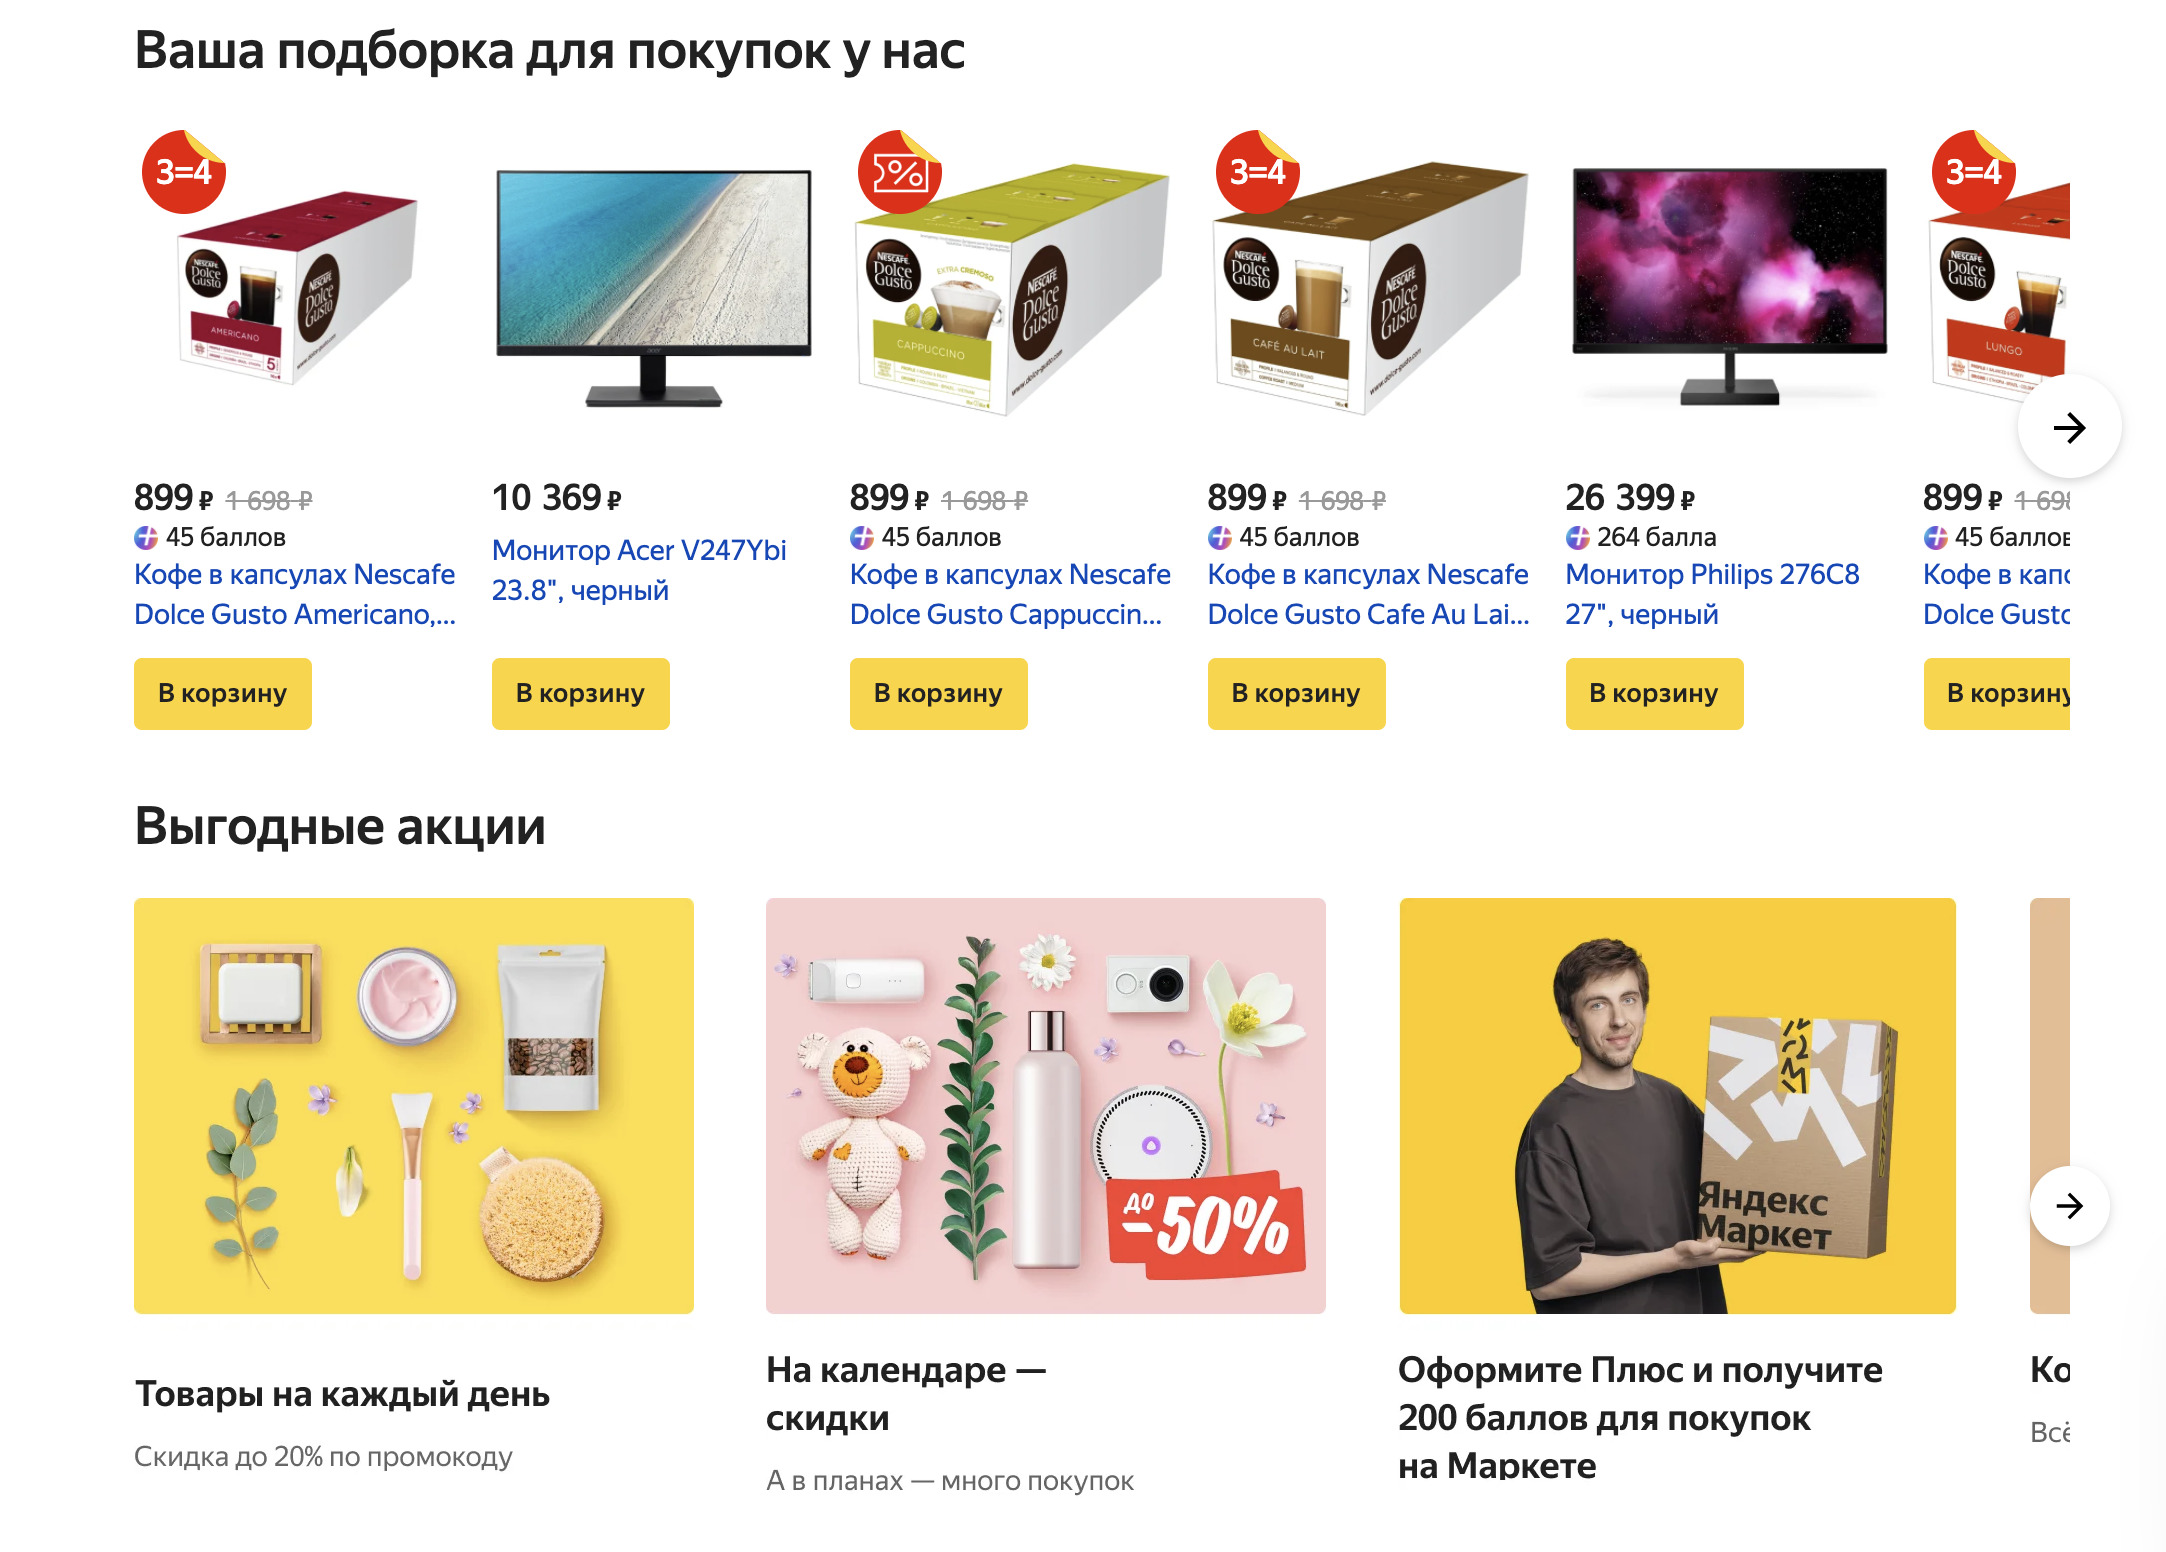 Доставка из Яндекс.Маркет в Йошкар-Ола, сроки, пункты выдачи, каталог